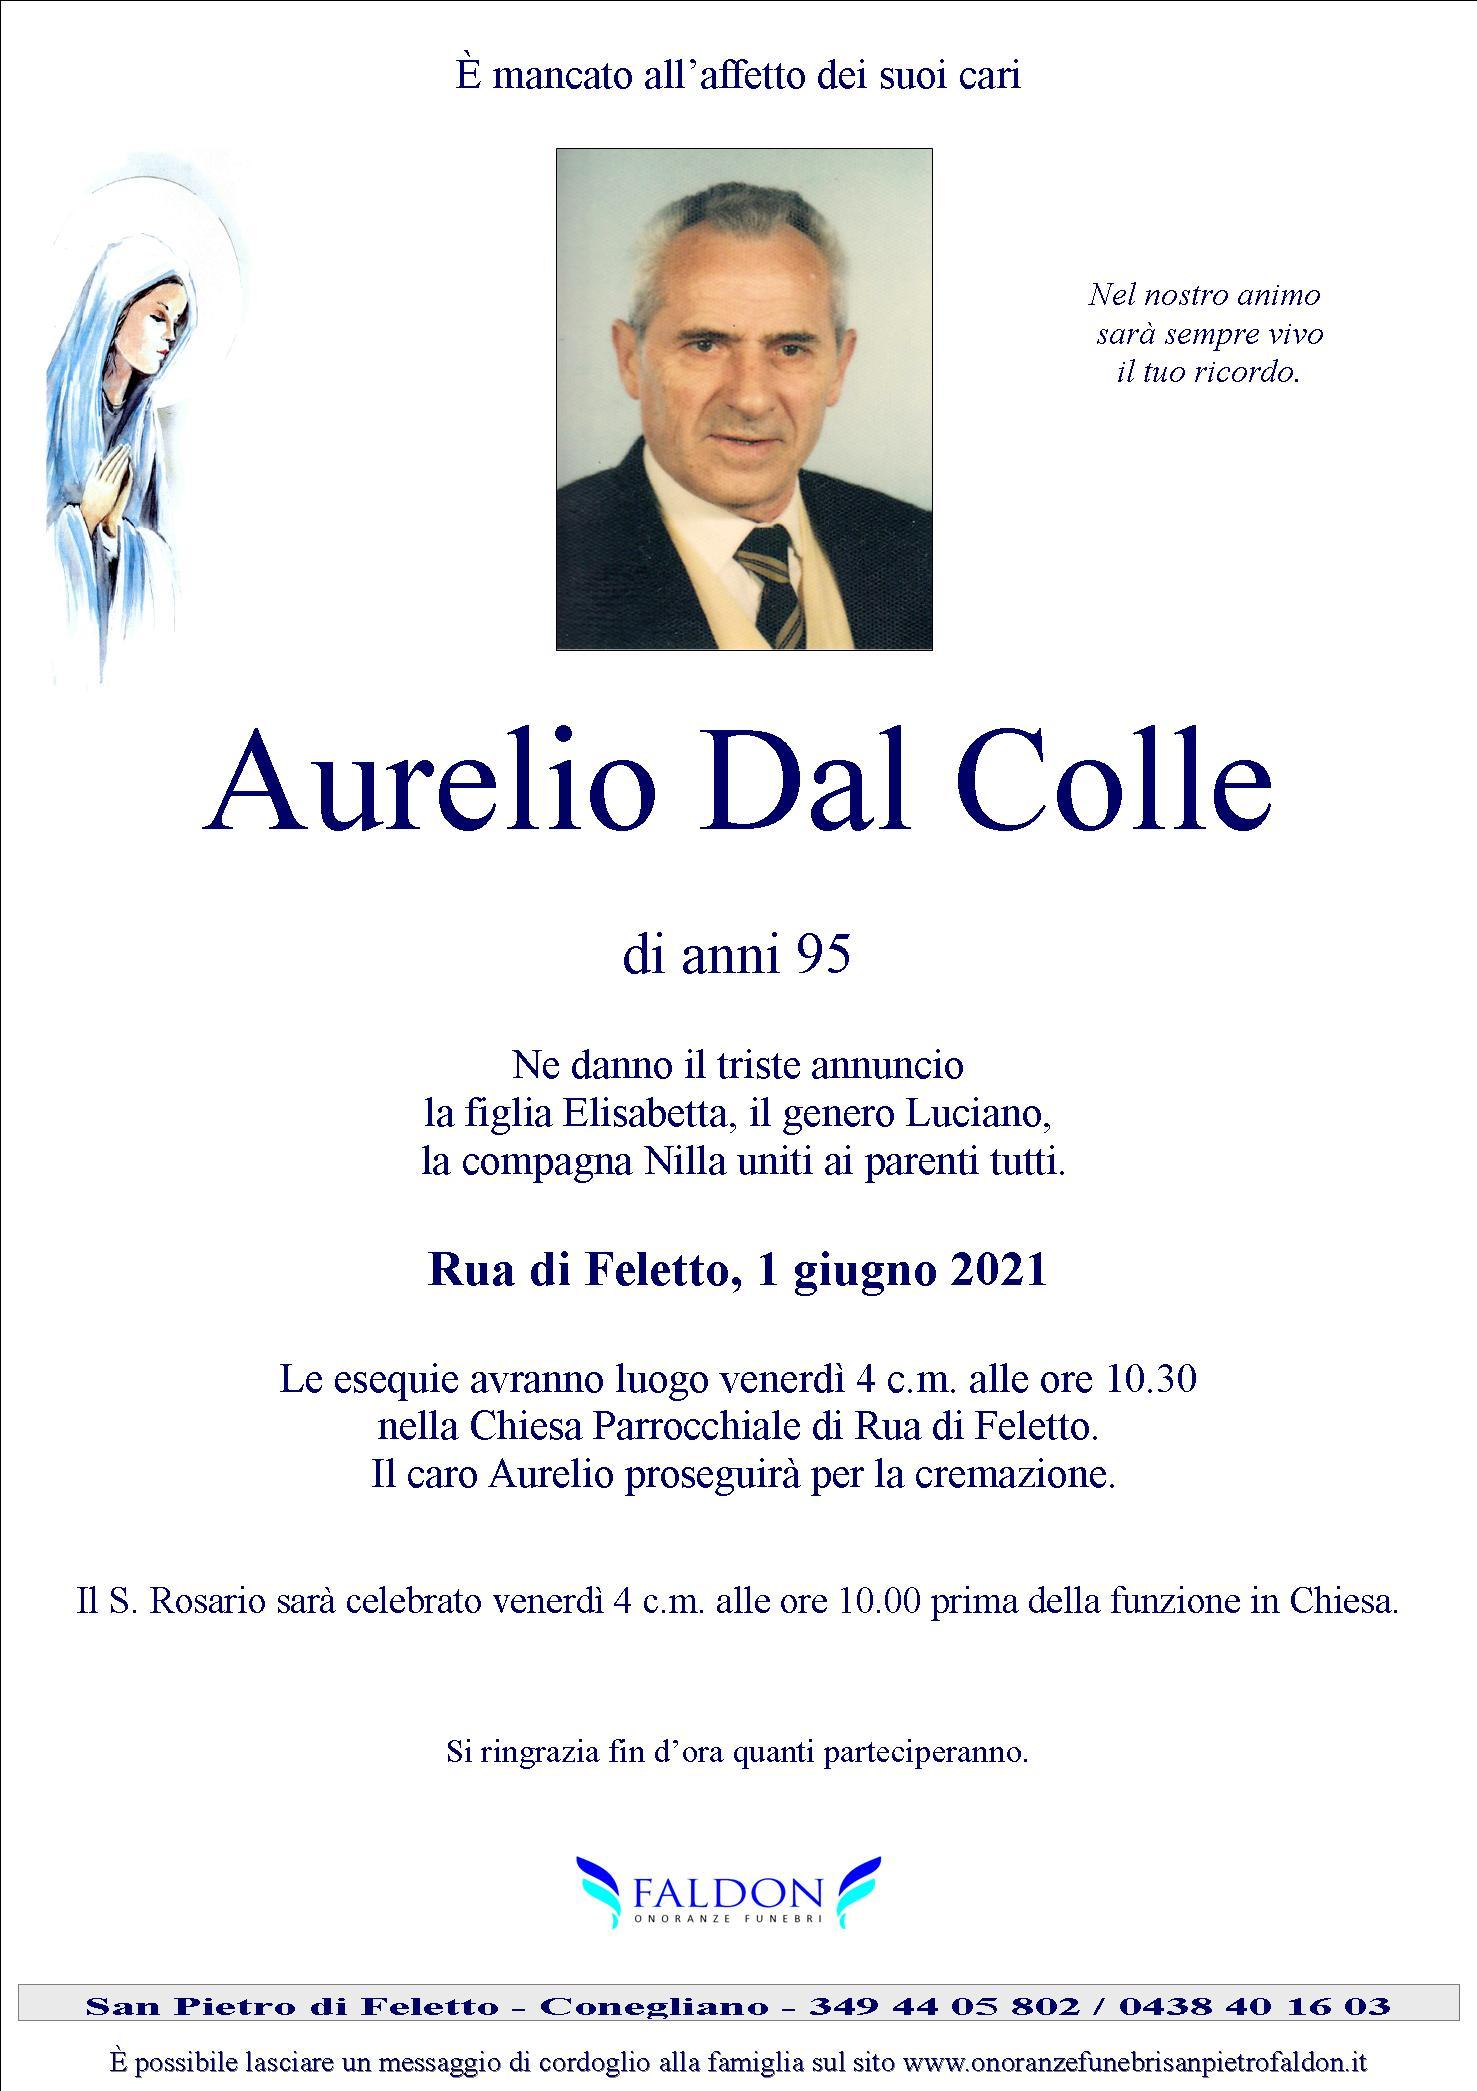 Aurelio Dal Colle